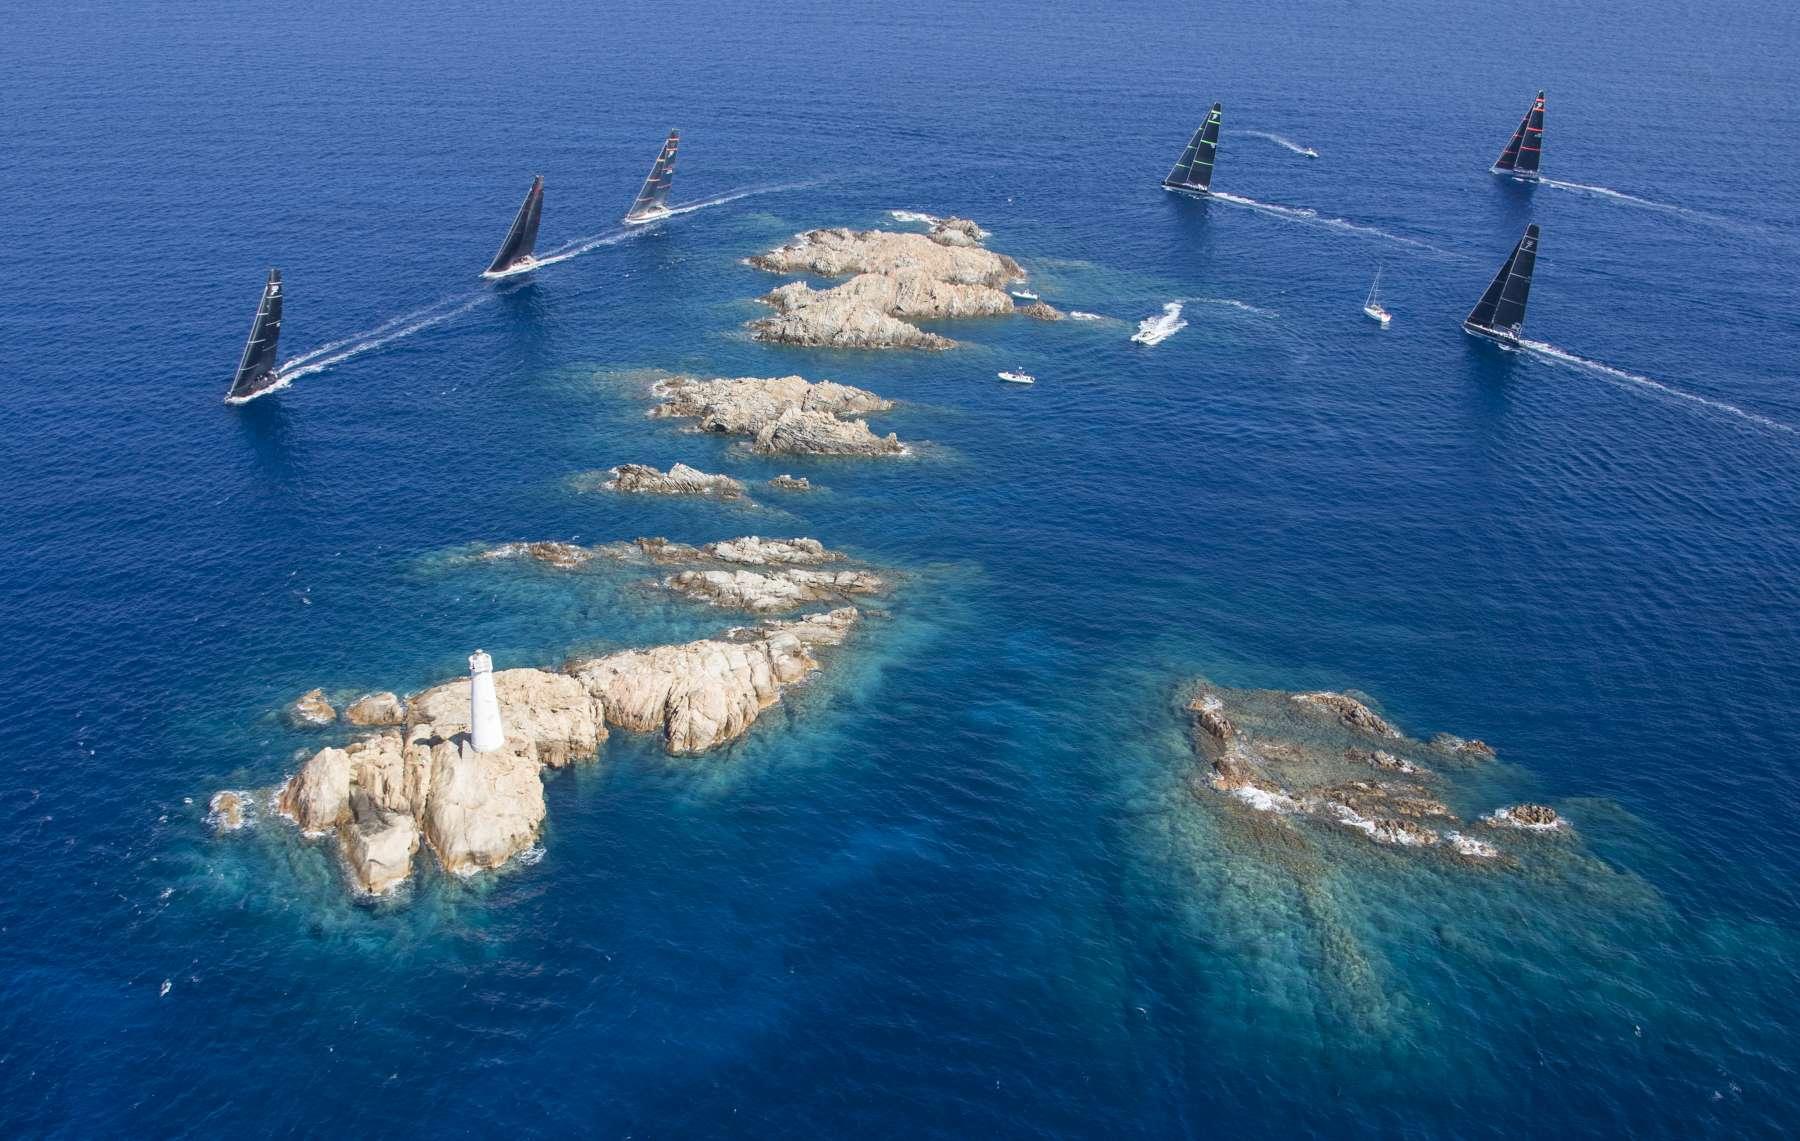 Maxi Yacht Rolex Cup: 50 regine del mare per i 50 anni dello YCCS - NEWS - Yacht Club Costa Smeralda